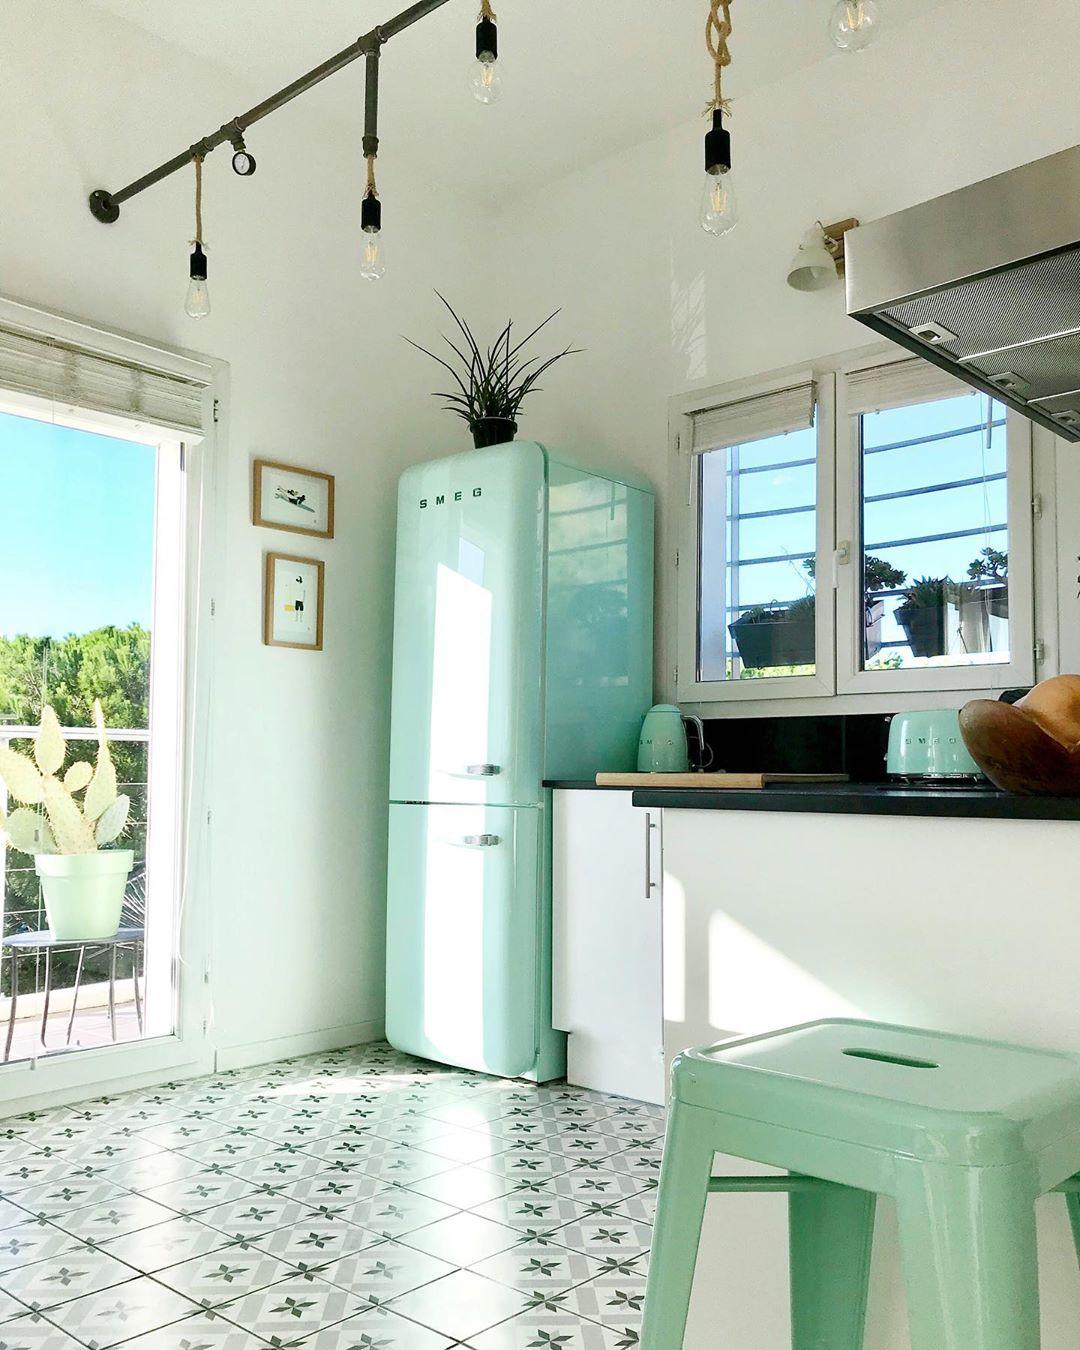 cuisine déco tropicale carrelage géométrique mobilier turquoise style californien